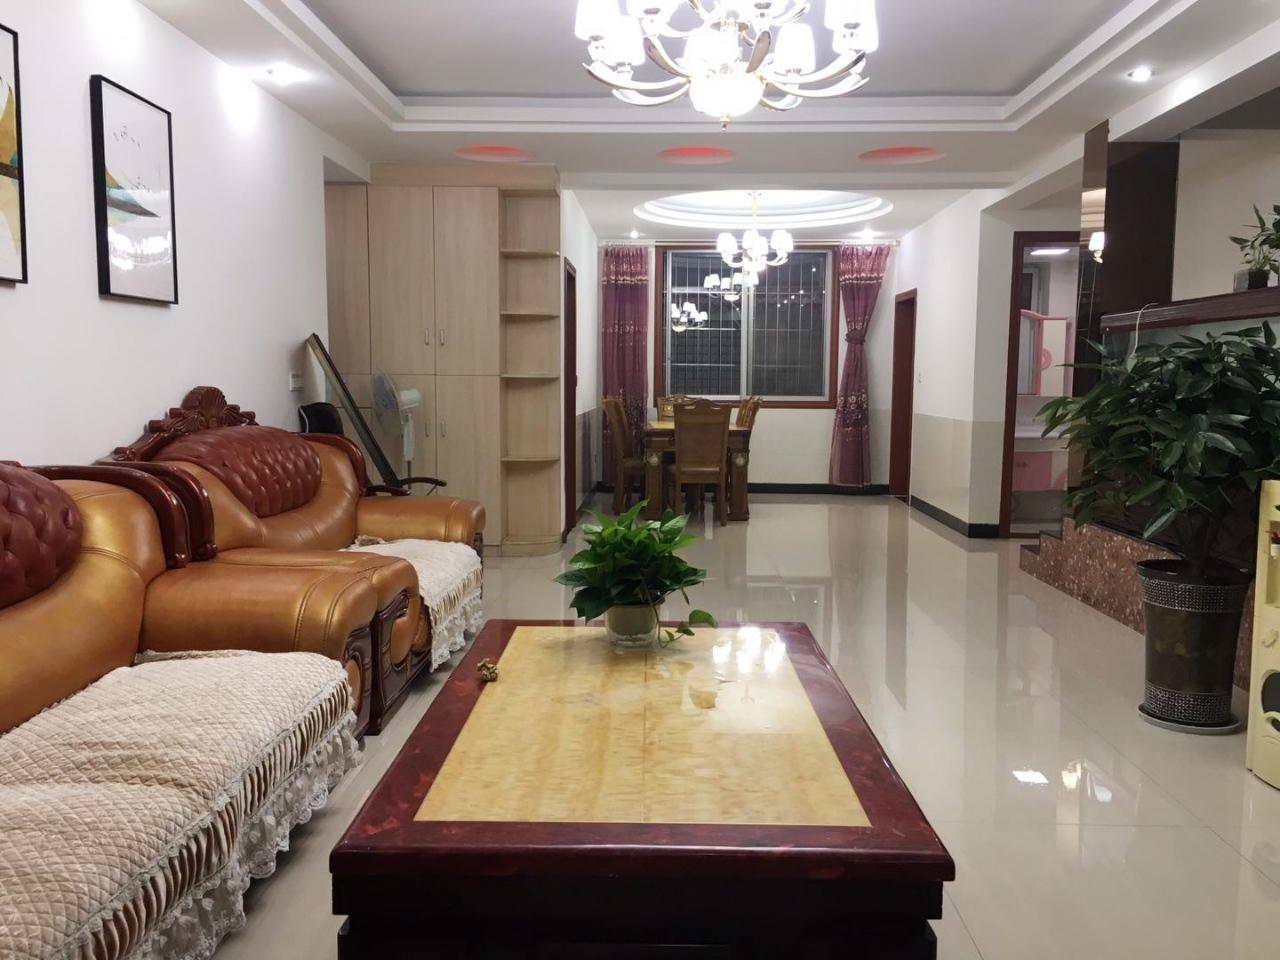 嘉信名苑4室 3厅 2卫76.8万元